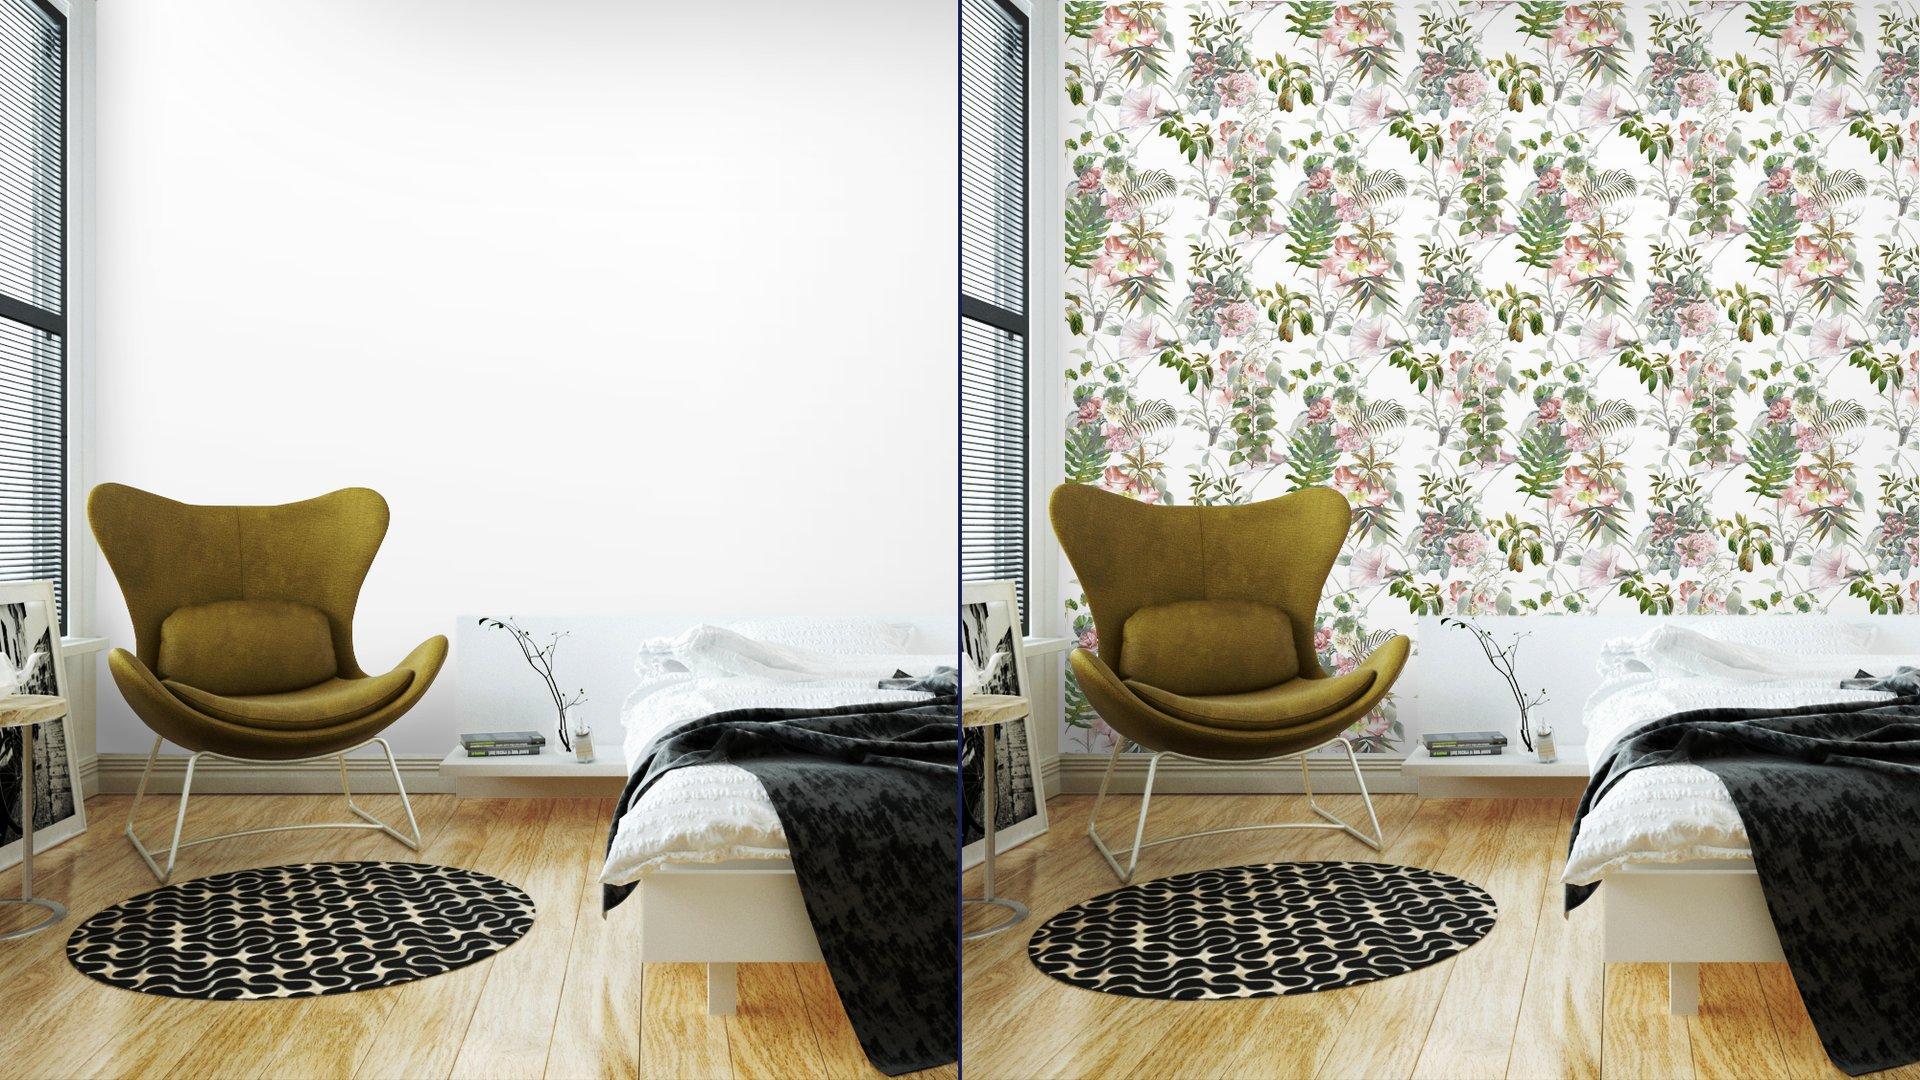 Fotomurales mexico papeles pintados lavables pintura de la acuarela de la hoja y las flores patron de fisuras en el fondo blanco 2 - PapelTapiz Hojas y Flores Tipo Acuarela en Fondo Blanco 01